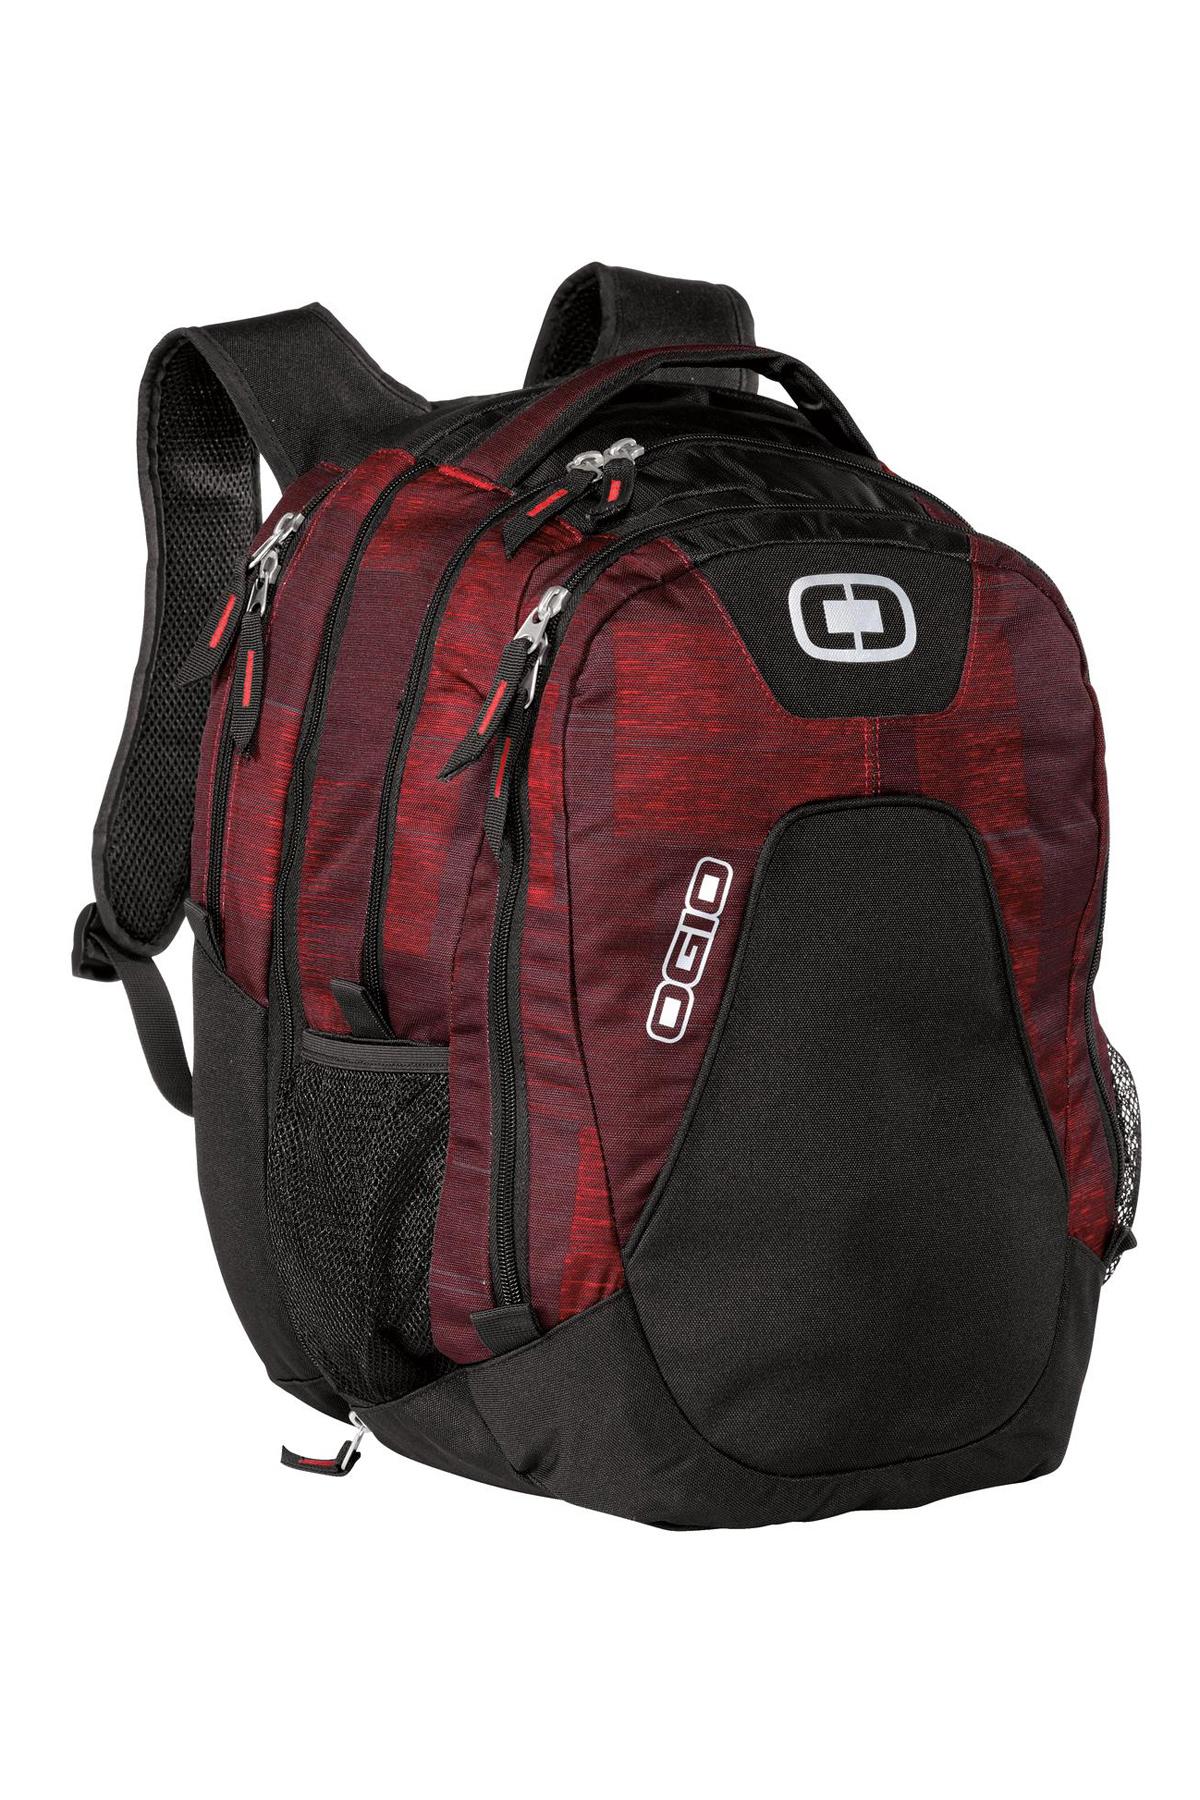 Bags-Backpacks-6